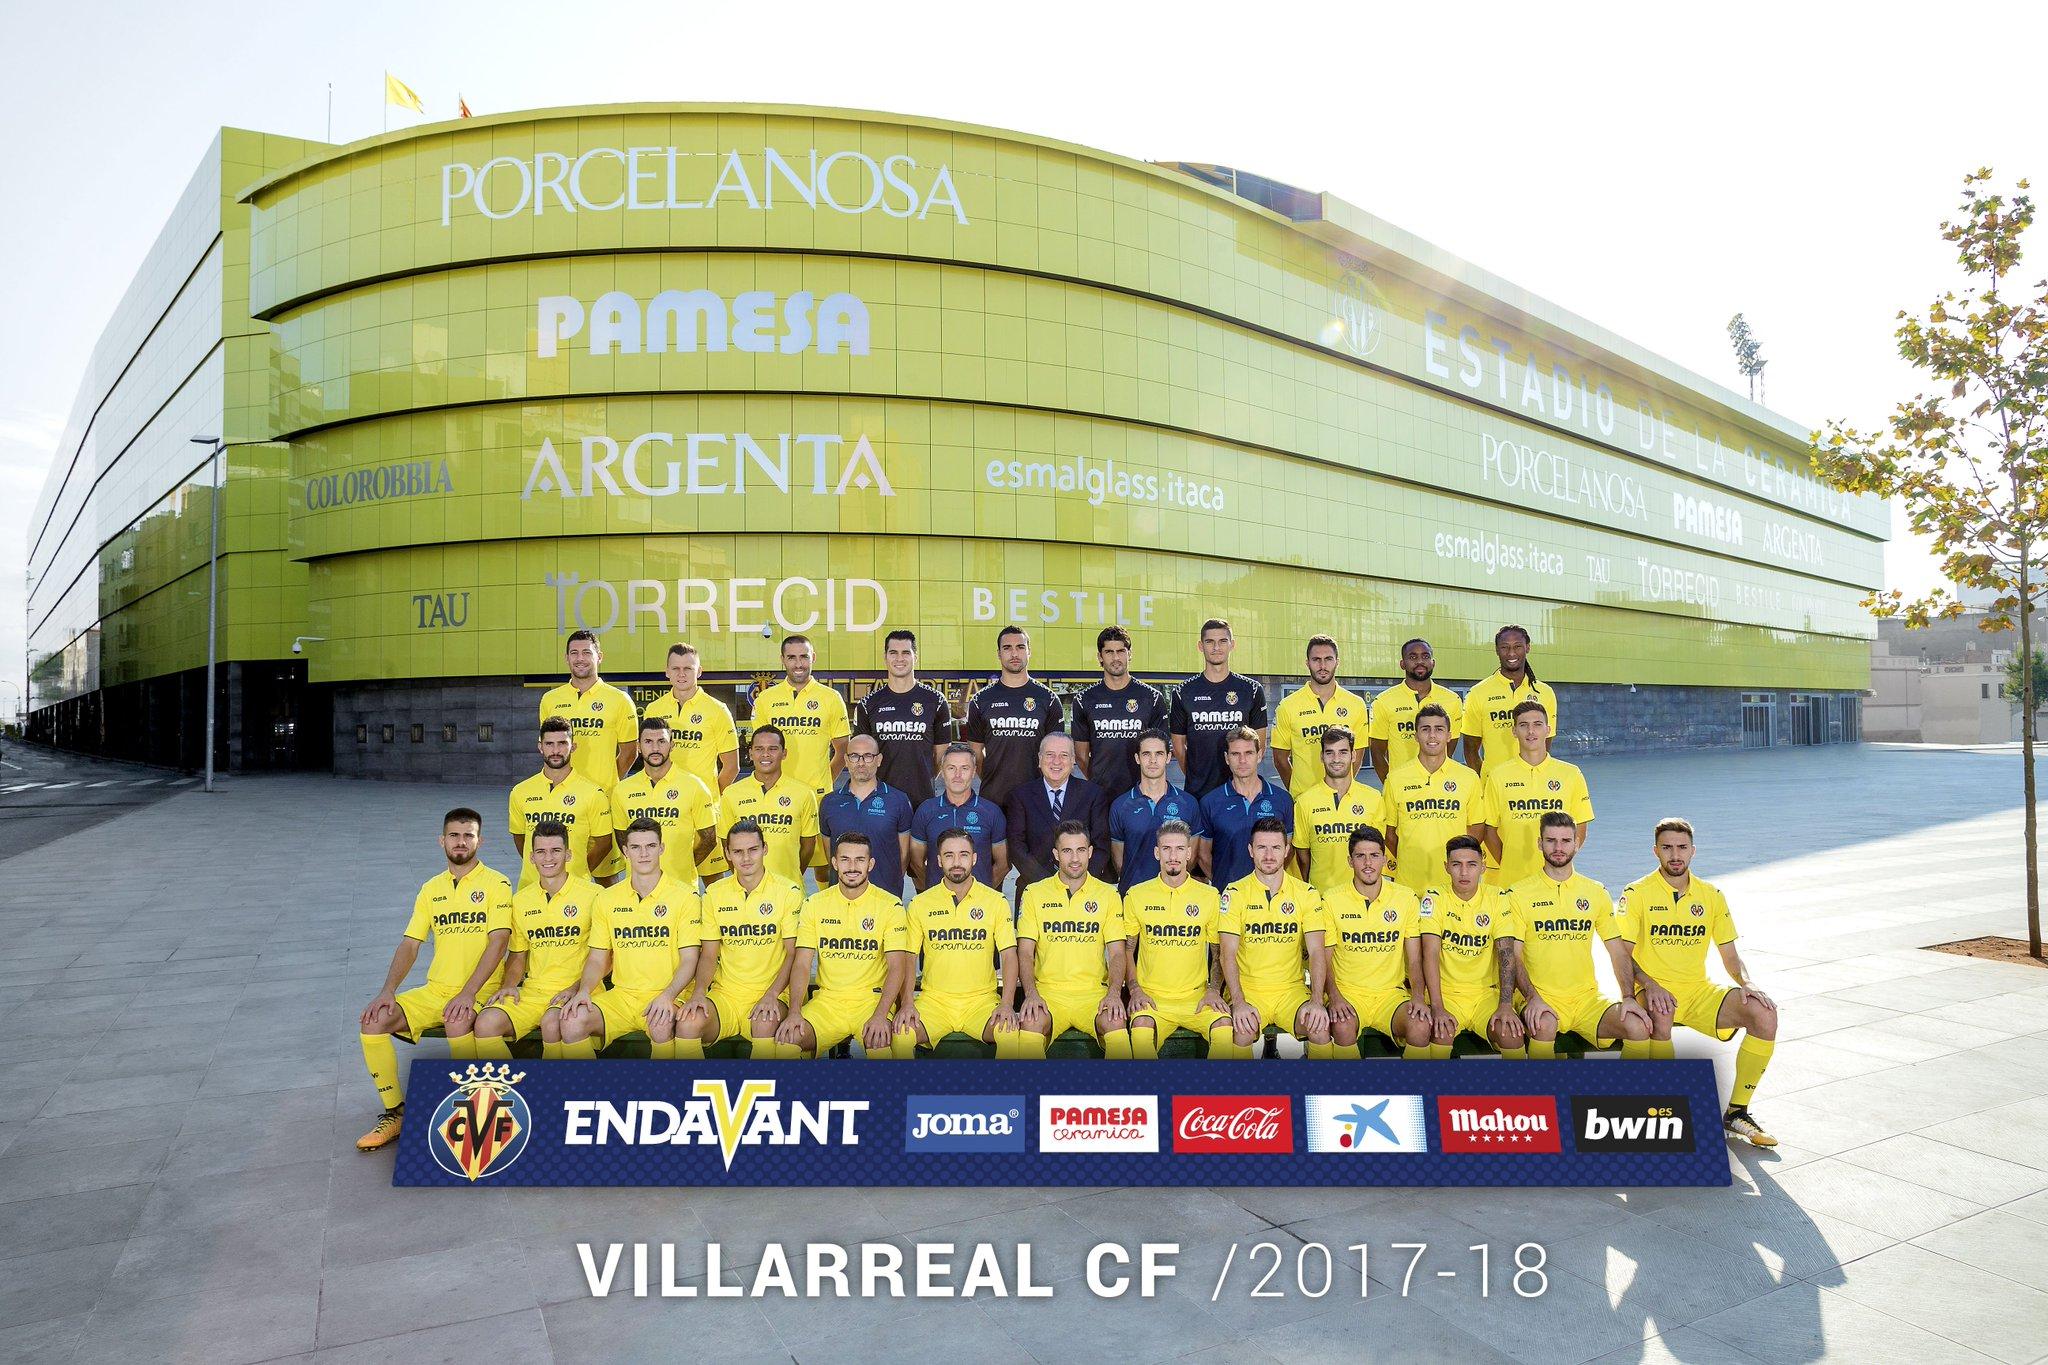 Villarreal CF on Twitter